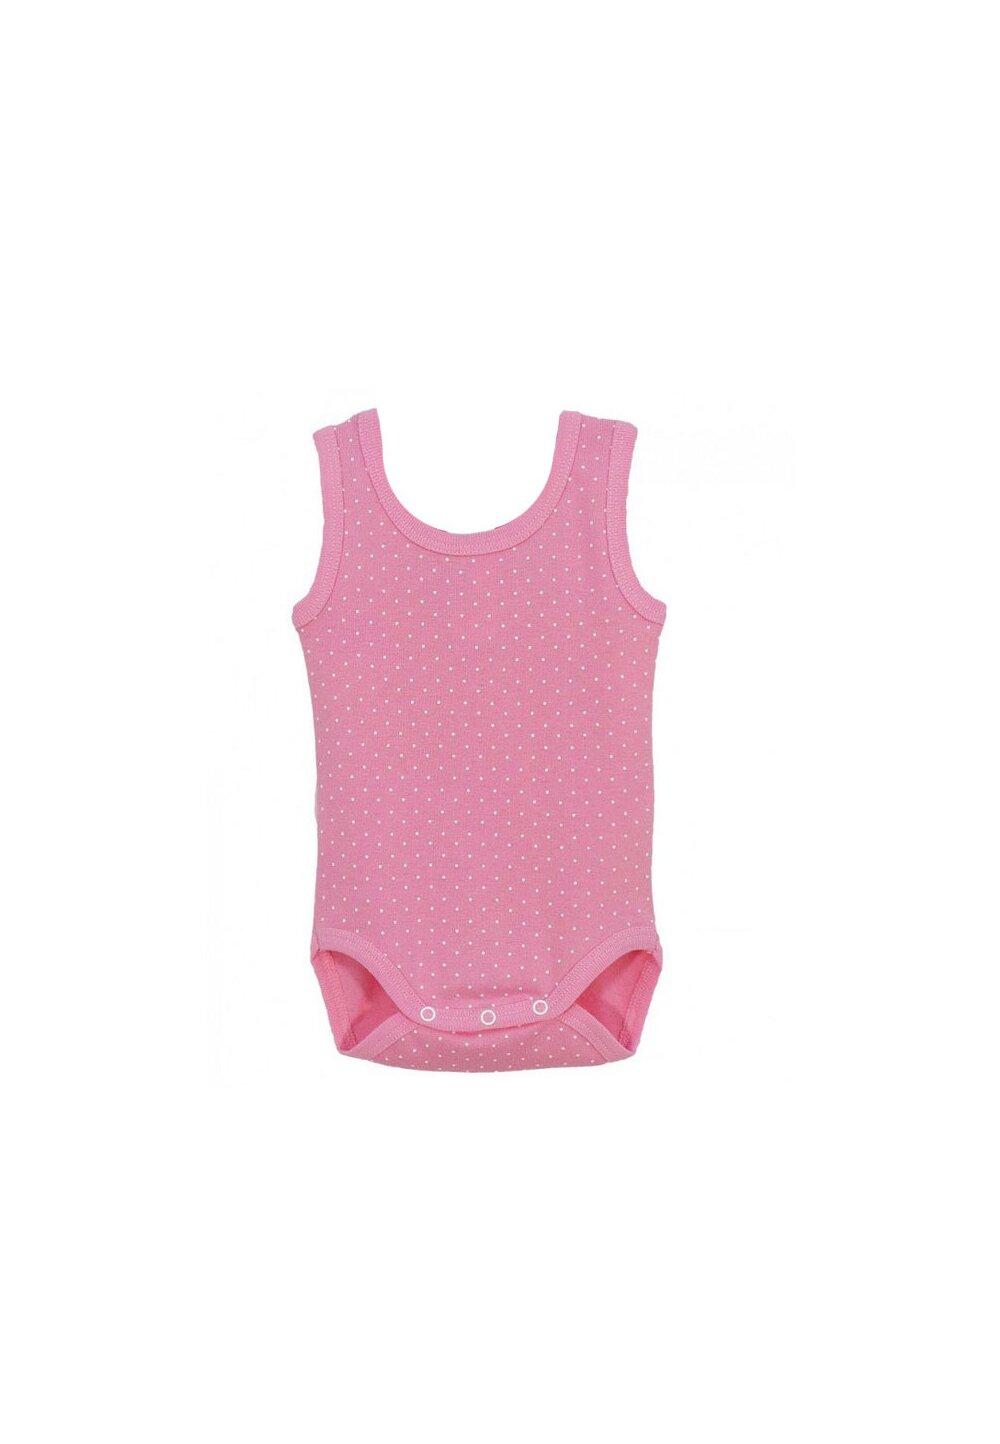 Body maieu, roz cu buline albe imagine